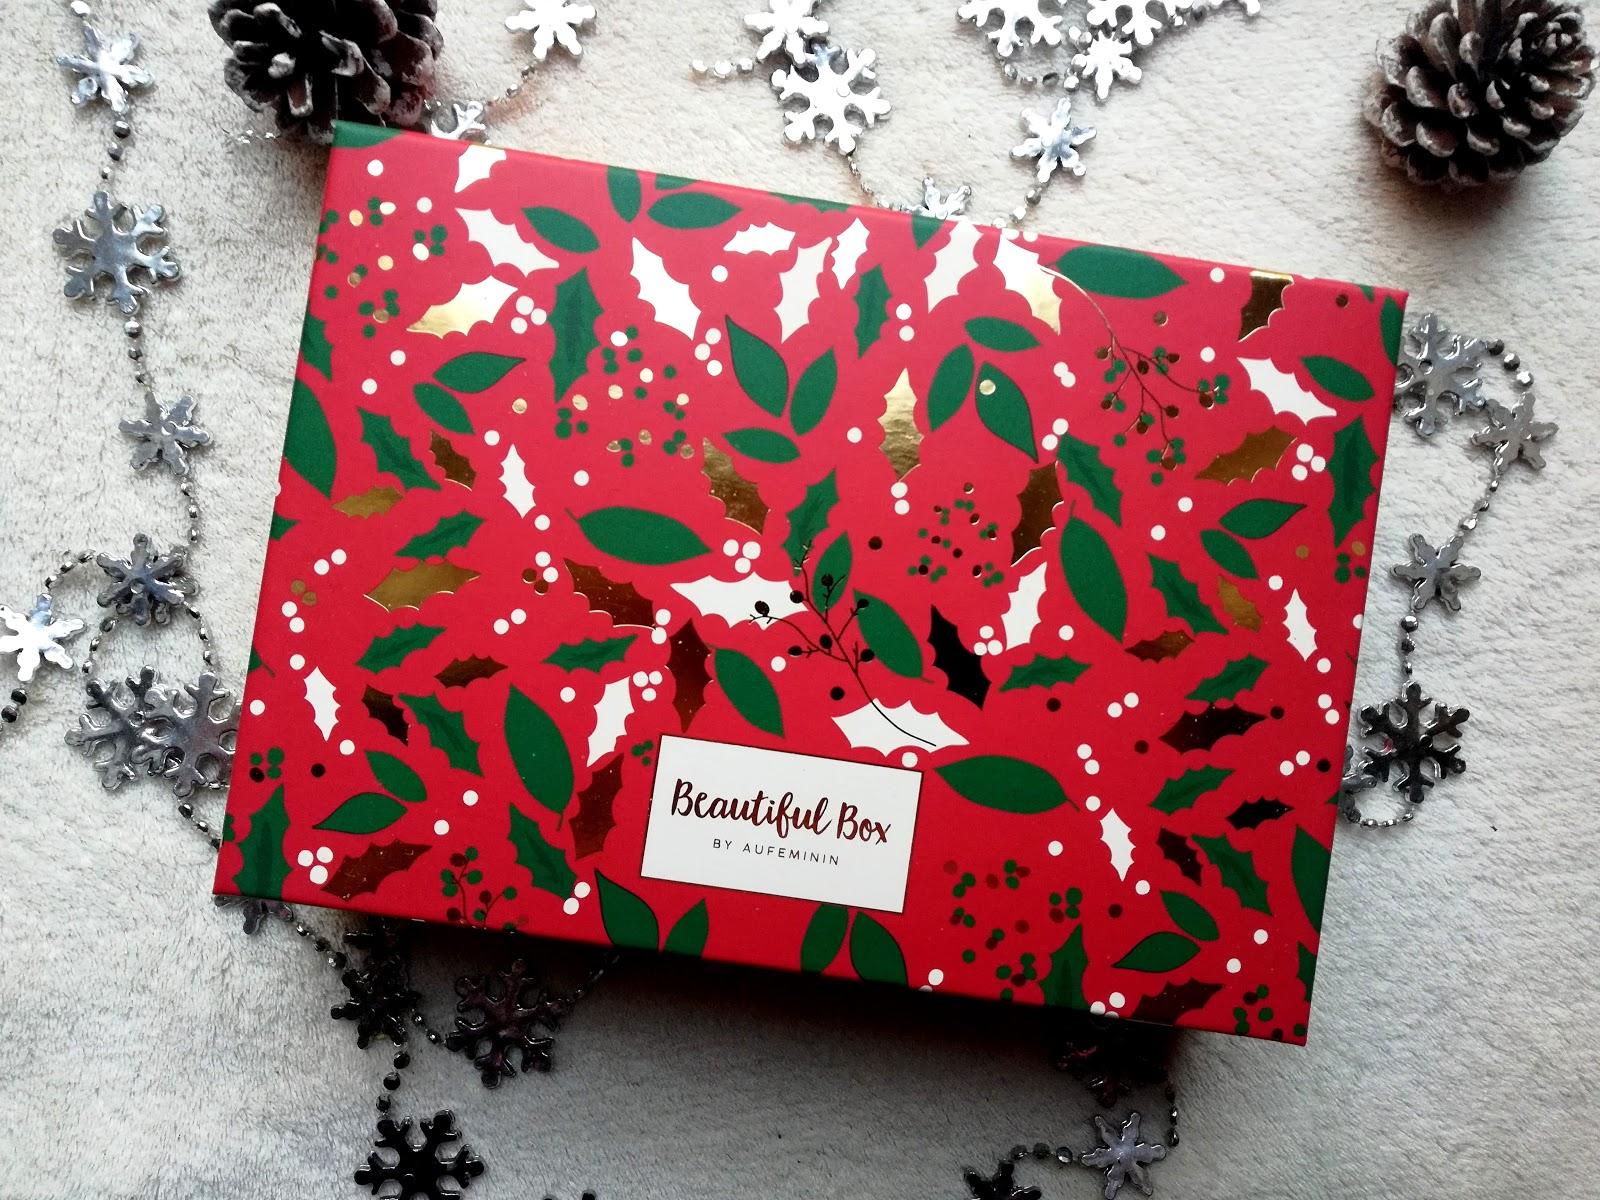 La BEAUTIFUL BOX by Au Féminin de Décembre 2019